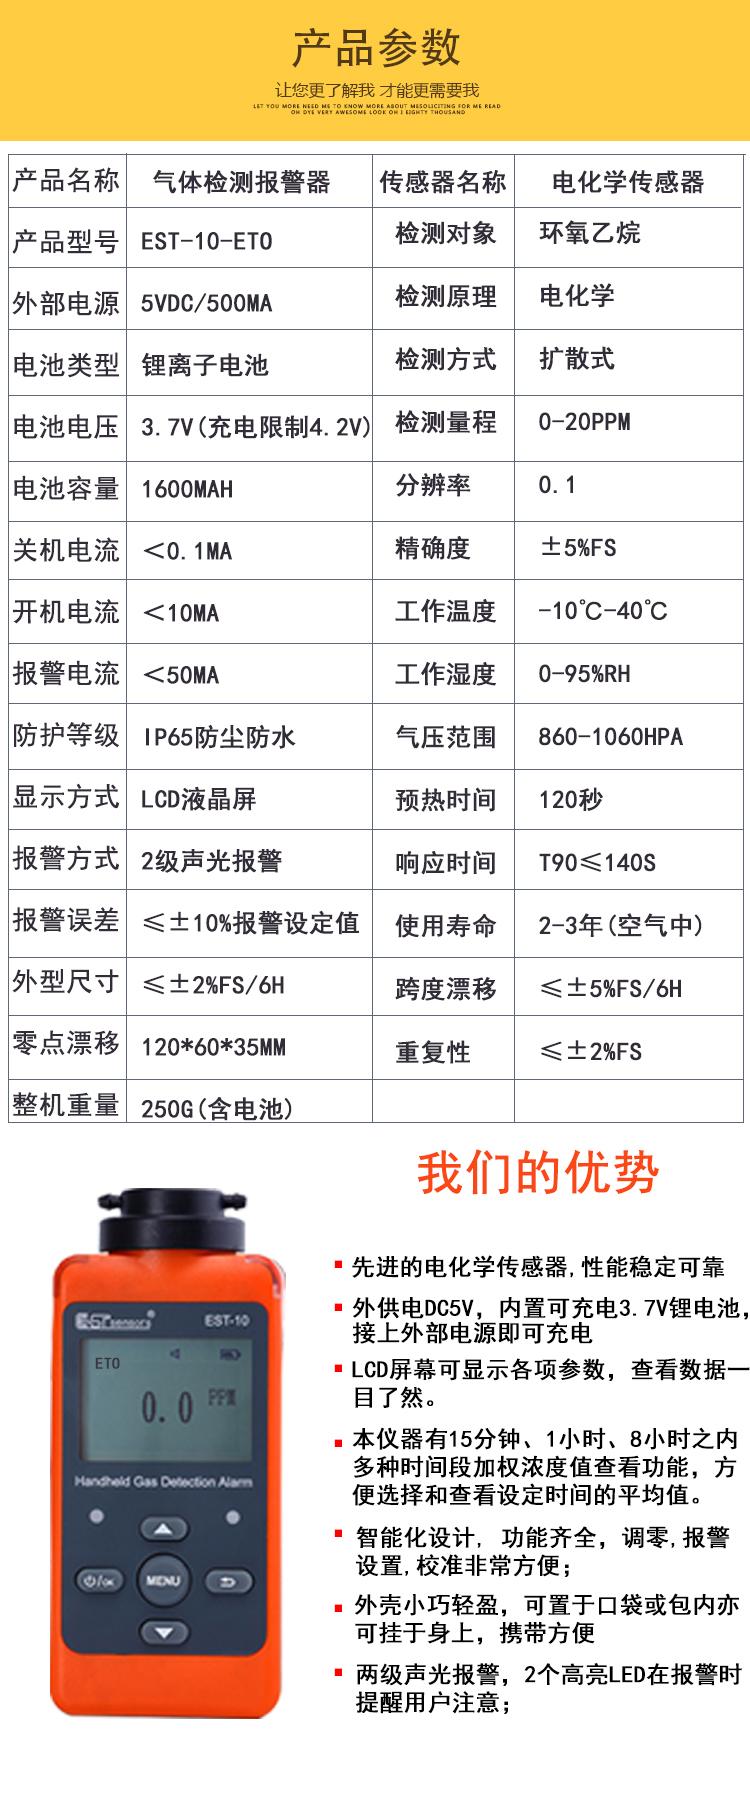 环氧乙烷检测仪技术指标